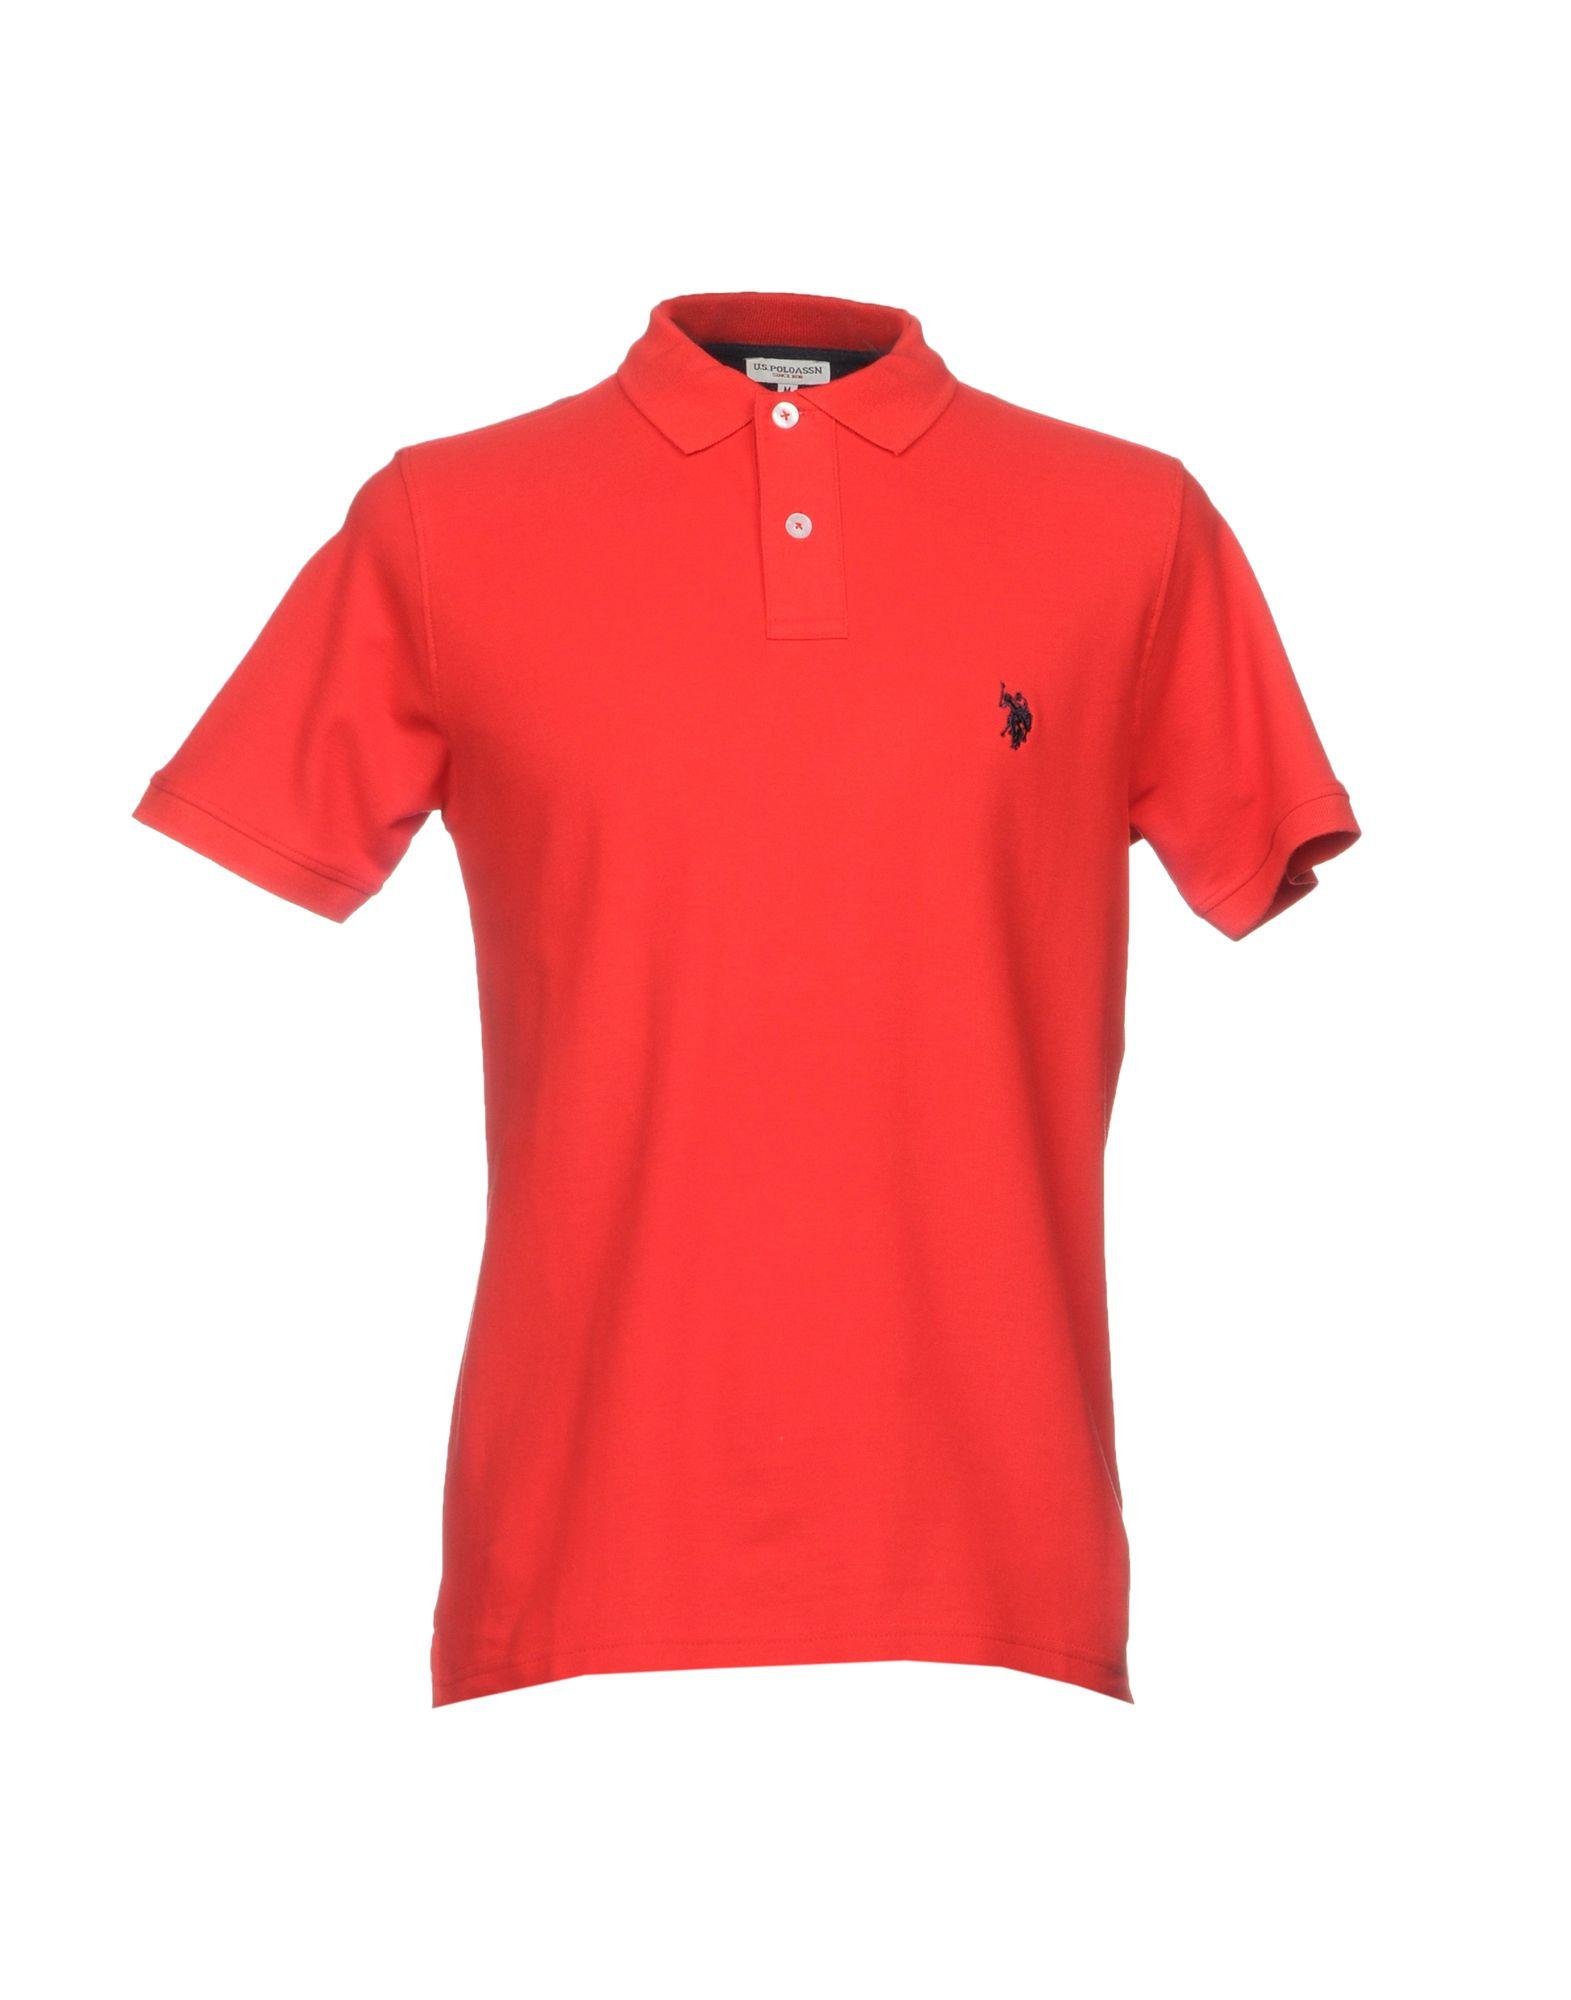 《送料無料》U.S.POLO ASSN. メンズ ポロシャツ レッド S コットン 100%